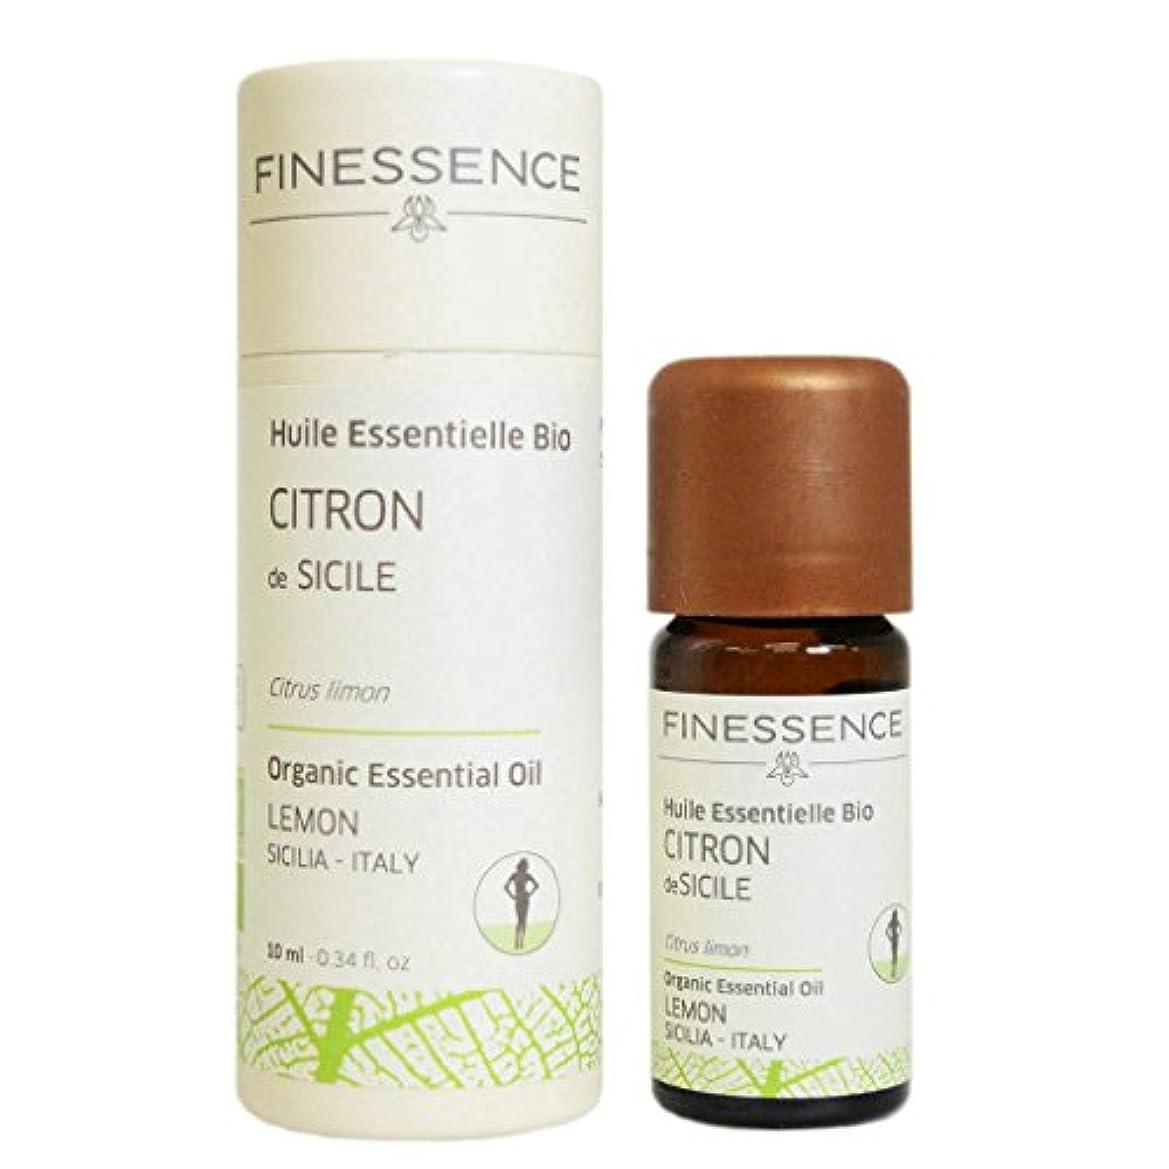 ヒョウプロフェッショナル指標フィネッサンス (FINESSENCE) オーガニックエッセンシャルオイル レモン 10ml